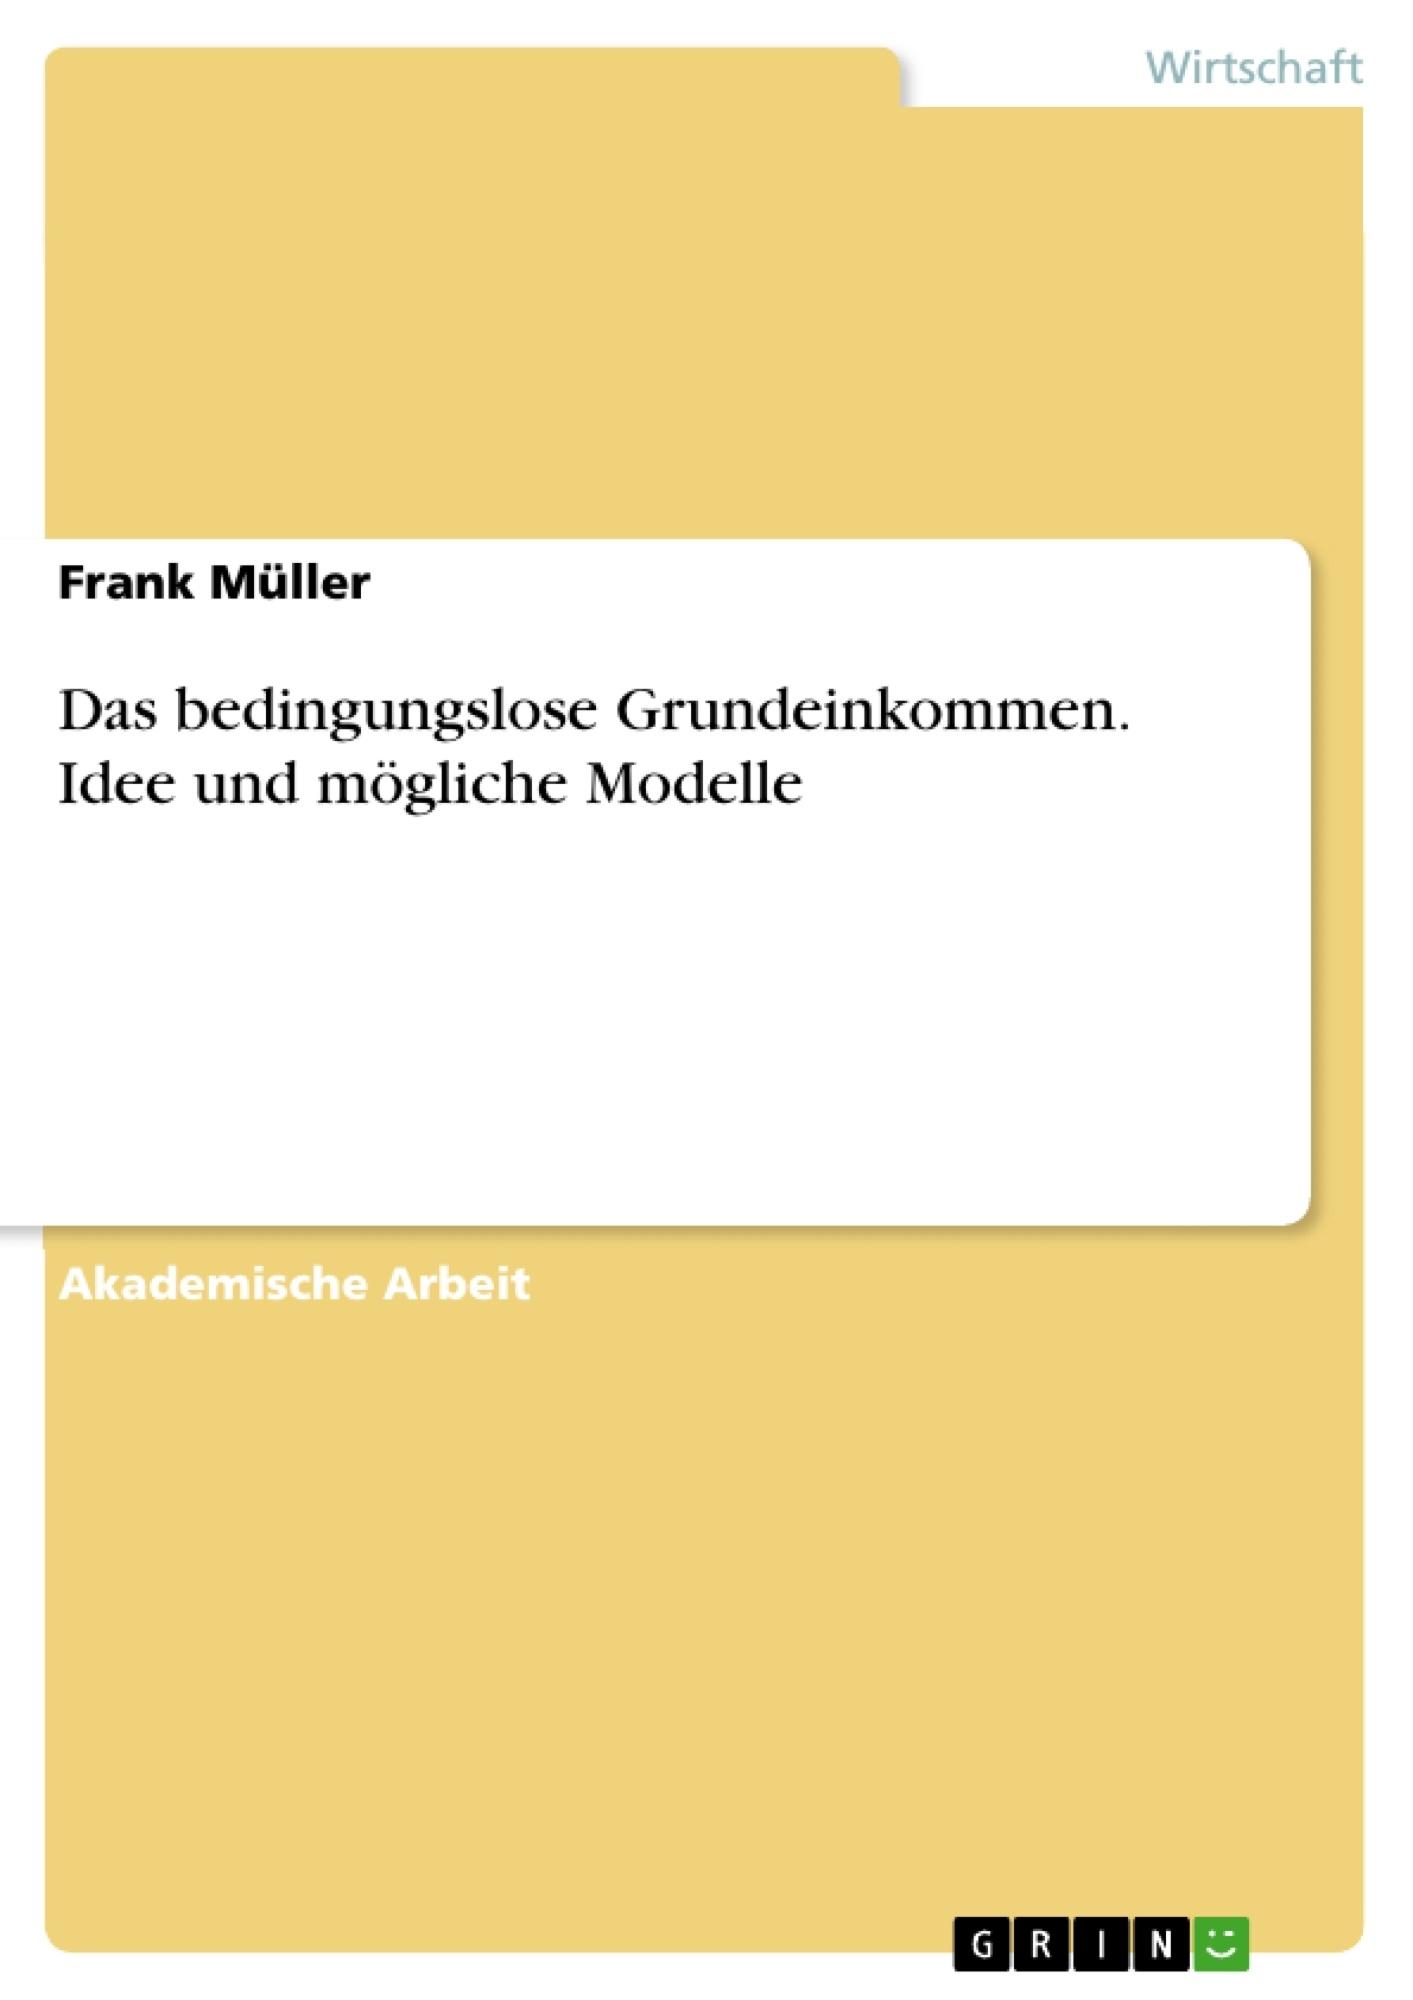 Titel: Das bedingungslose Grundeinkommen. Idee und mögliche Modelle